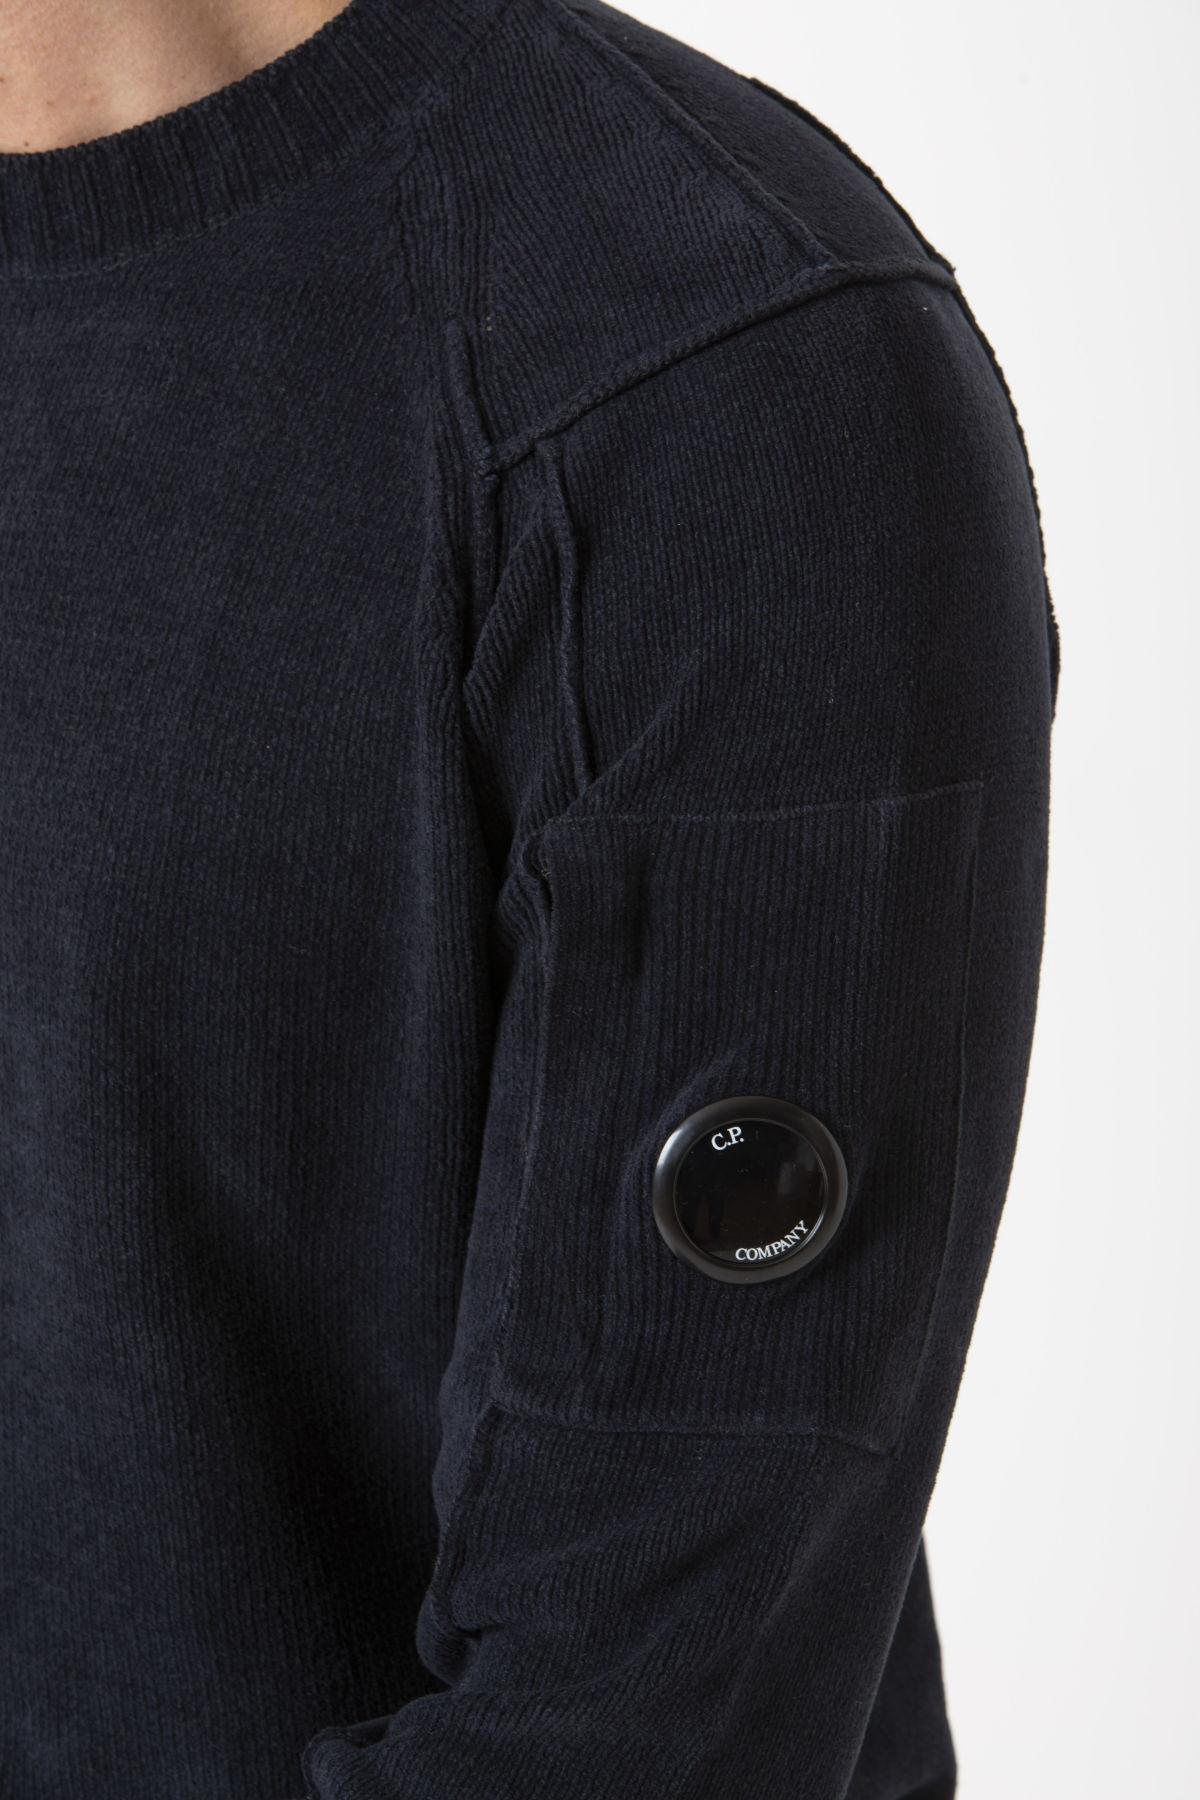 Pullover per uomo C.P. COMPANY A/I 19-20